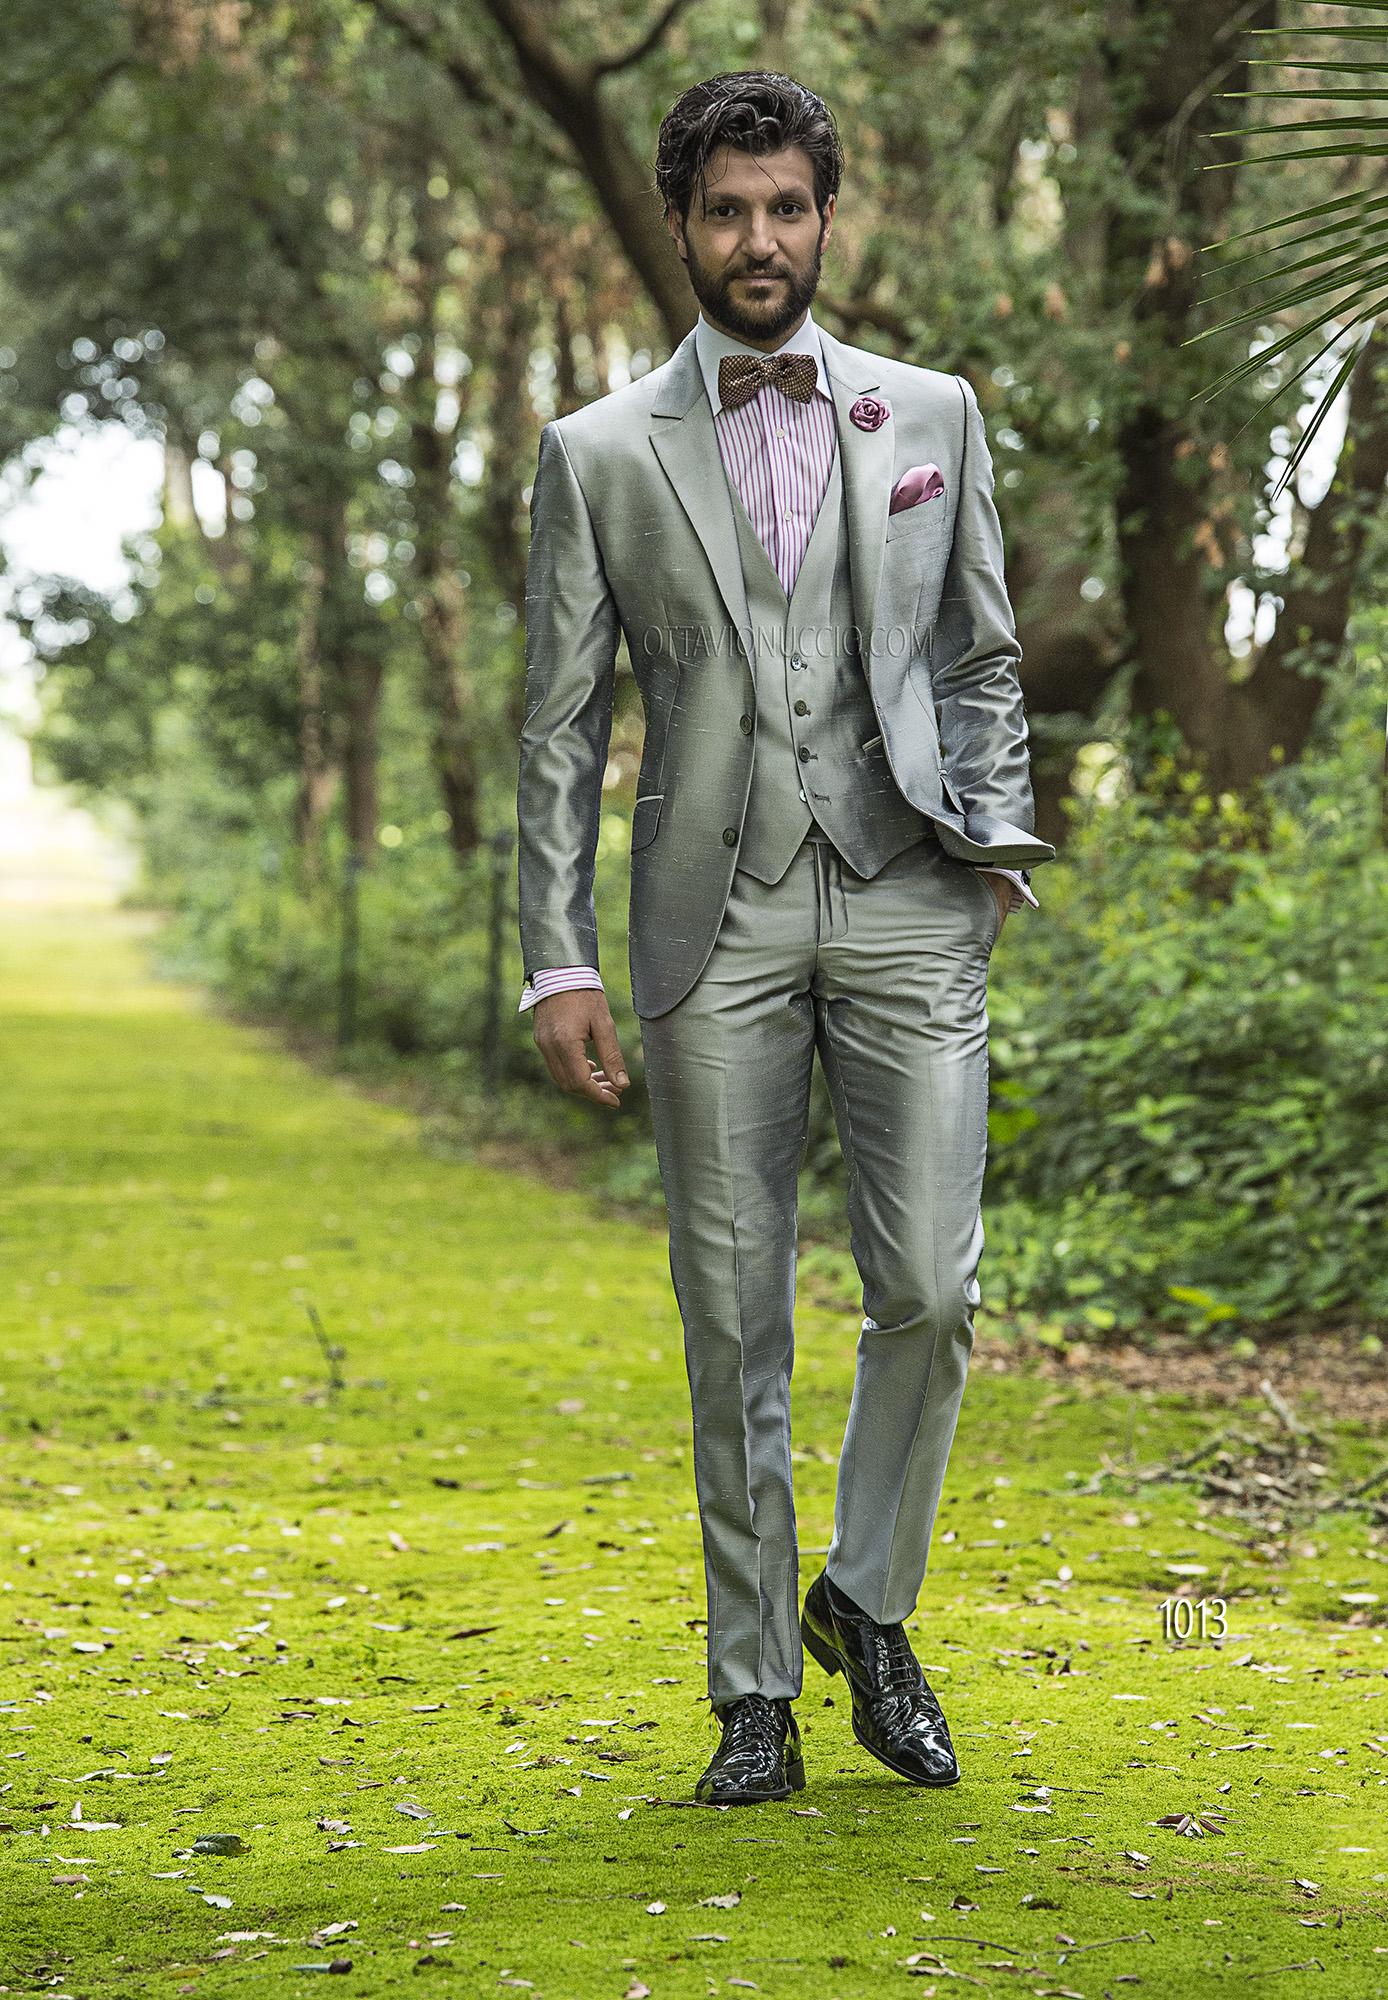 Abito Matrimonio Uomo Grigio : Abito da cerimonia uomo in shantung grigio perla